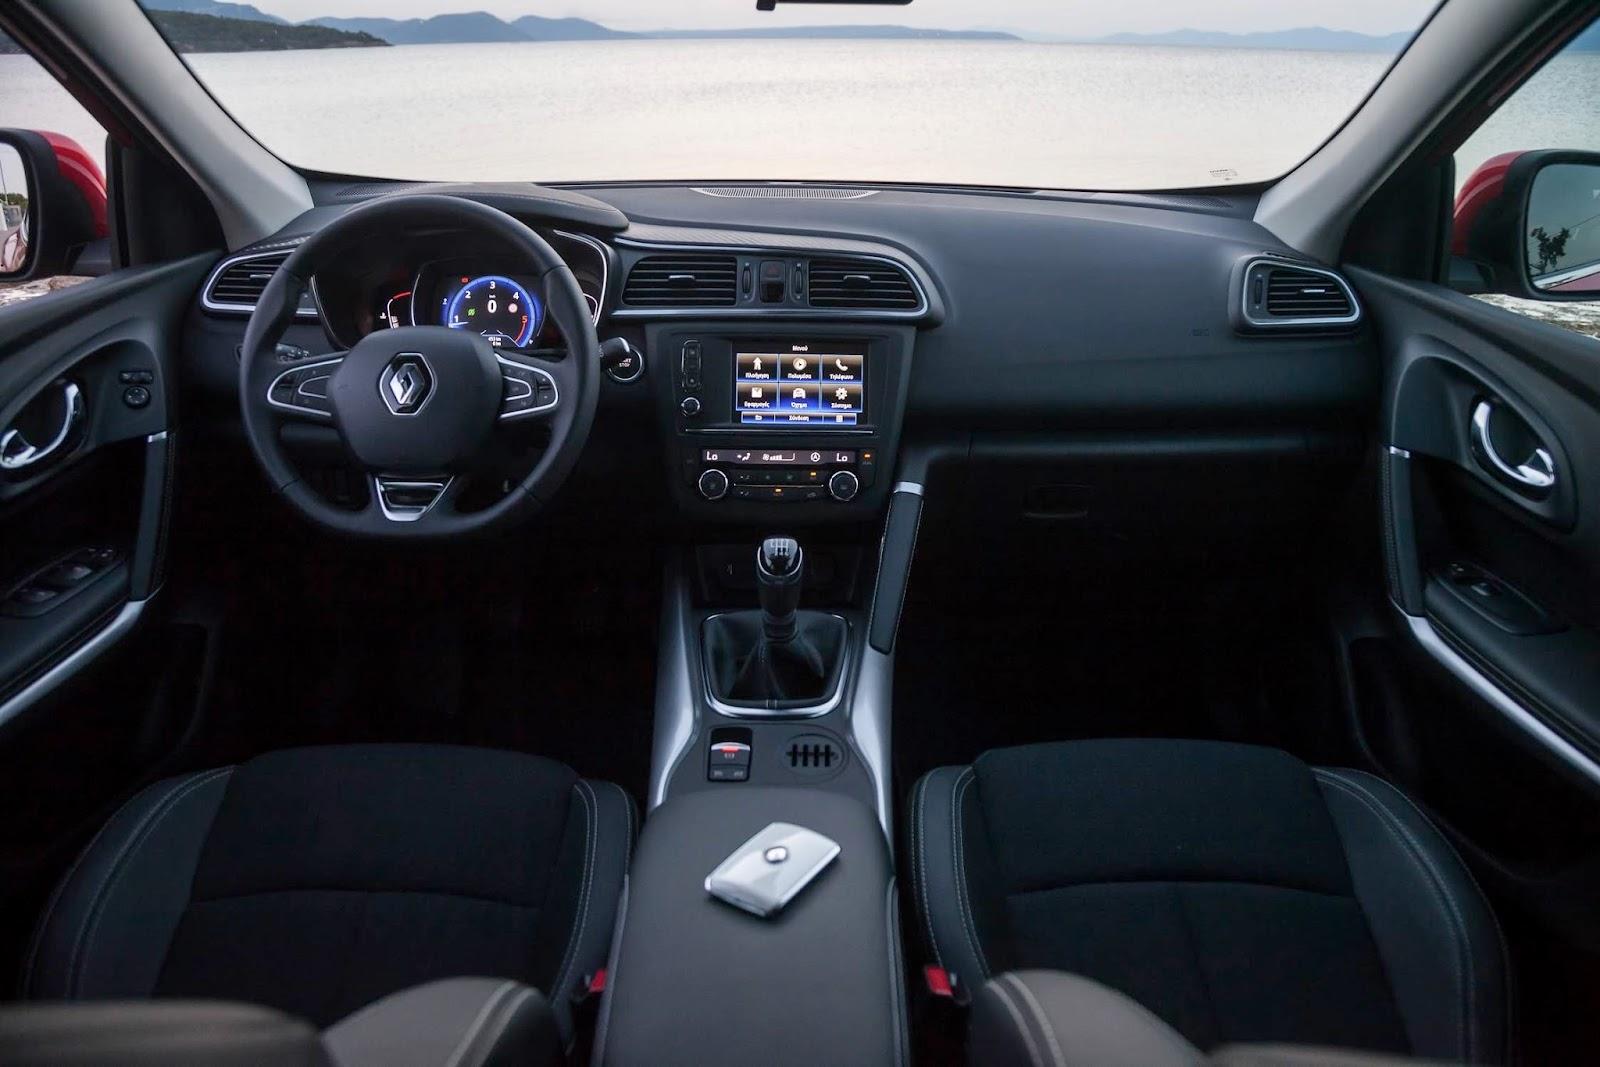 IMG 0362 Το Renault Kadjar ξεκινά την εμπορική του πορεία από 20.850 ευρώ Renault, Renault Kadjar, SUV